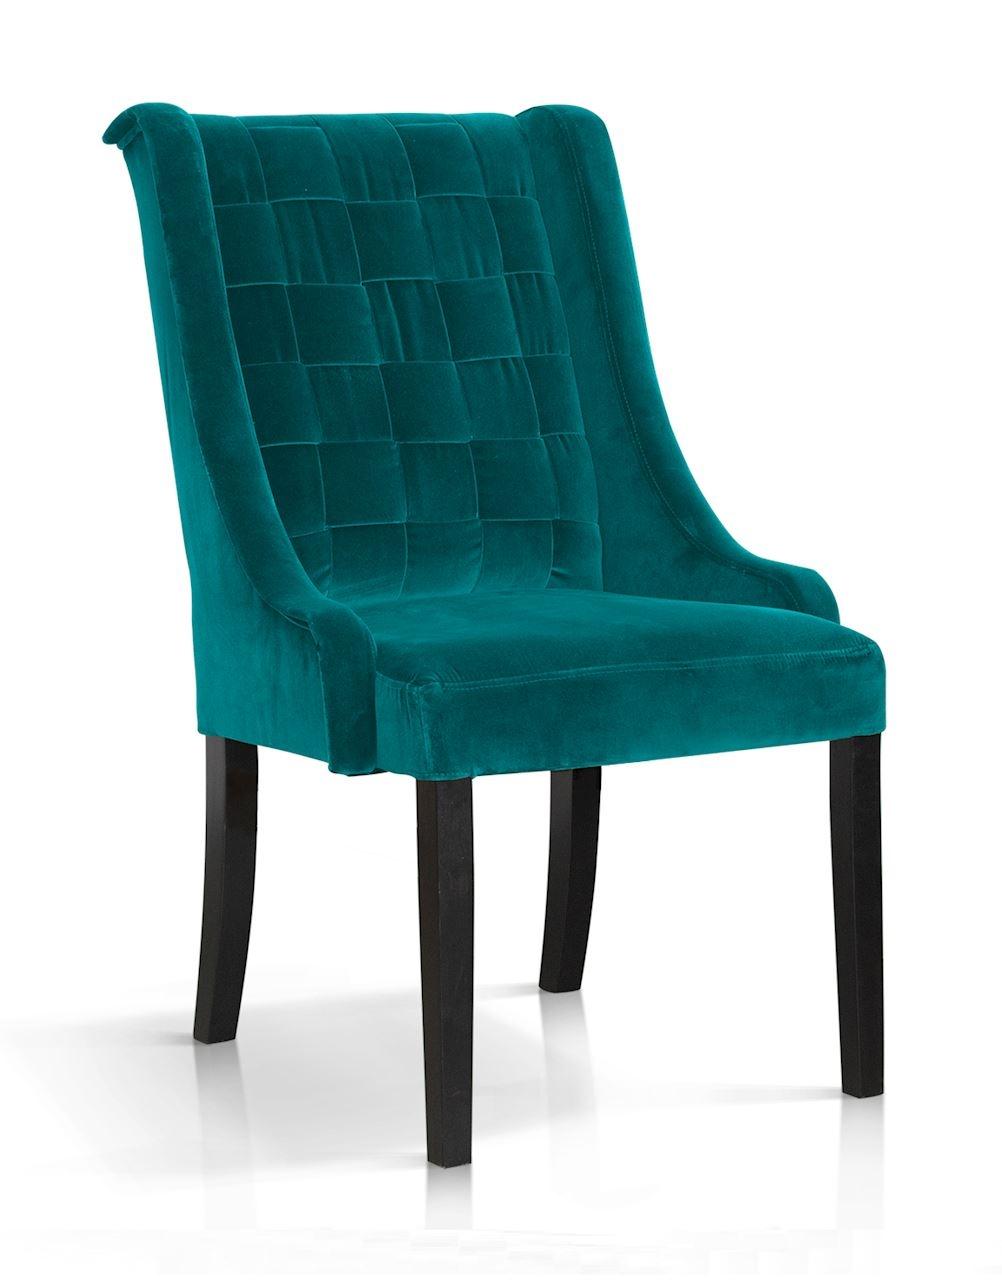 Scaun tapitat cu stofa, cu picioare din lemn Prince Turcoaz / Negru, l55xA70xH105 cm